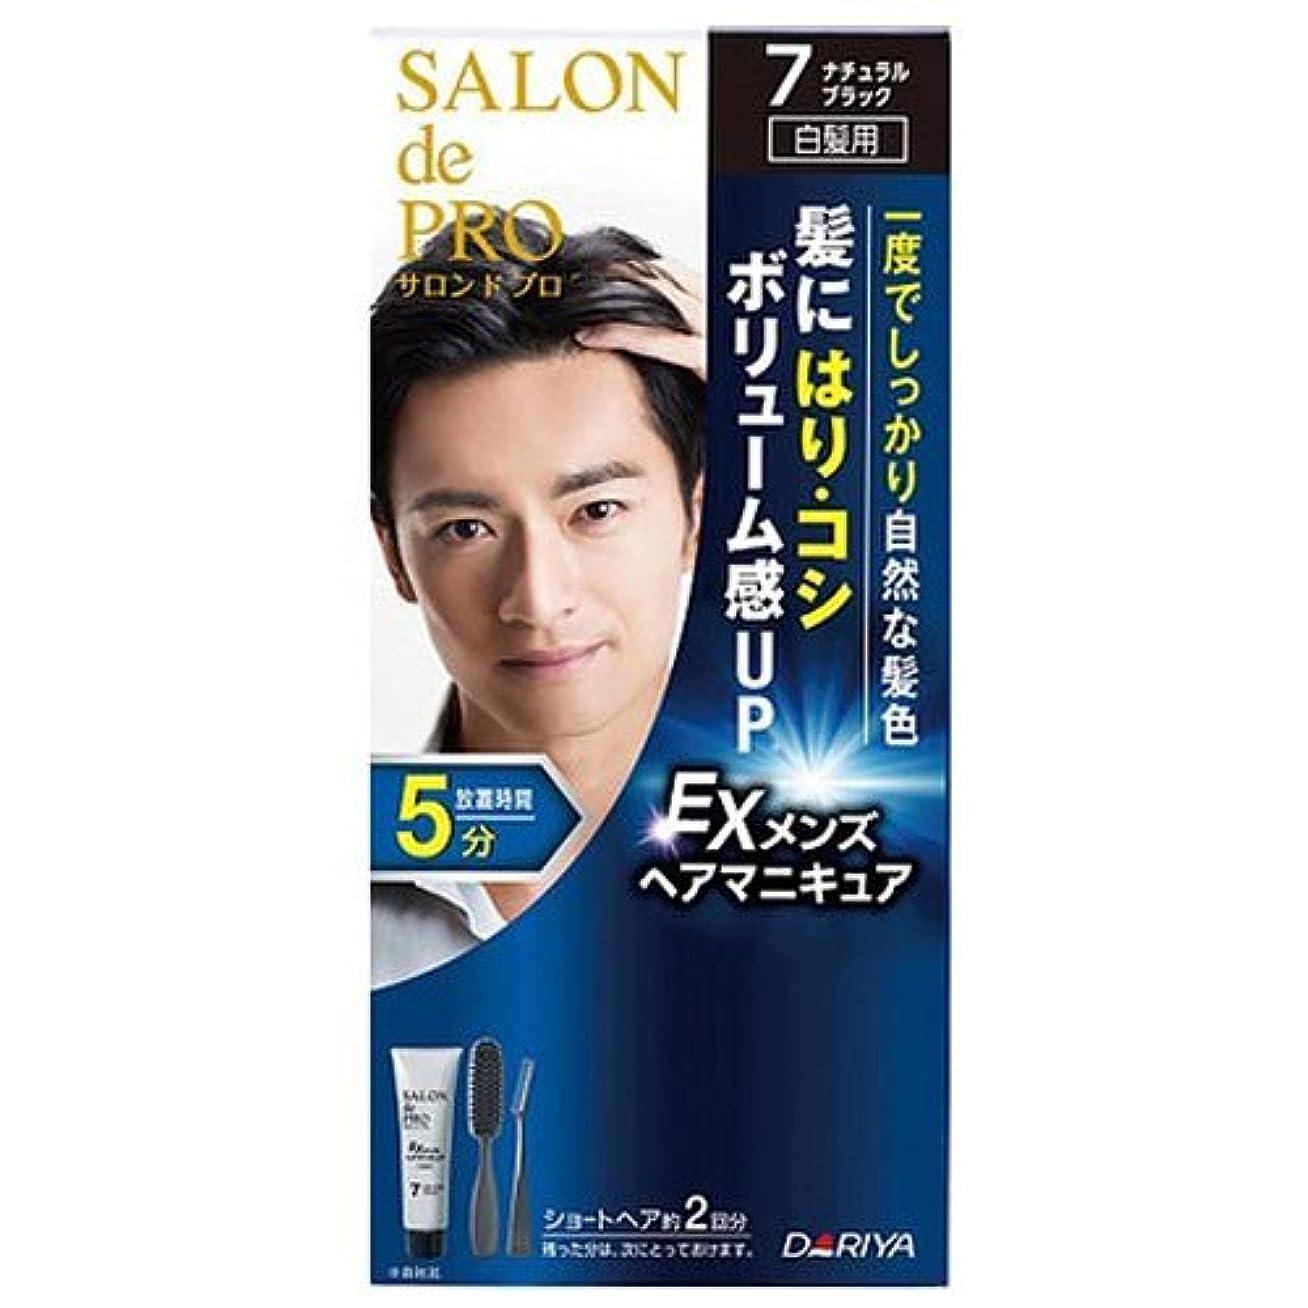 無効錆びデモンストレーションサロンドプロ EXメンズヘアマニキュア 白髪用 7 ナチュラルブラック